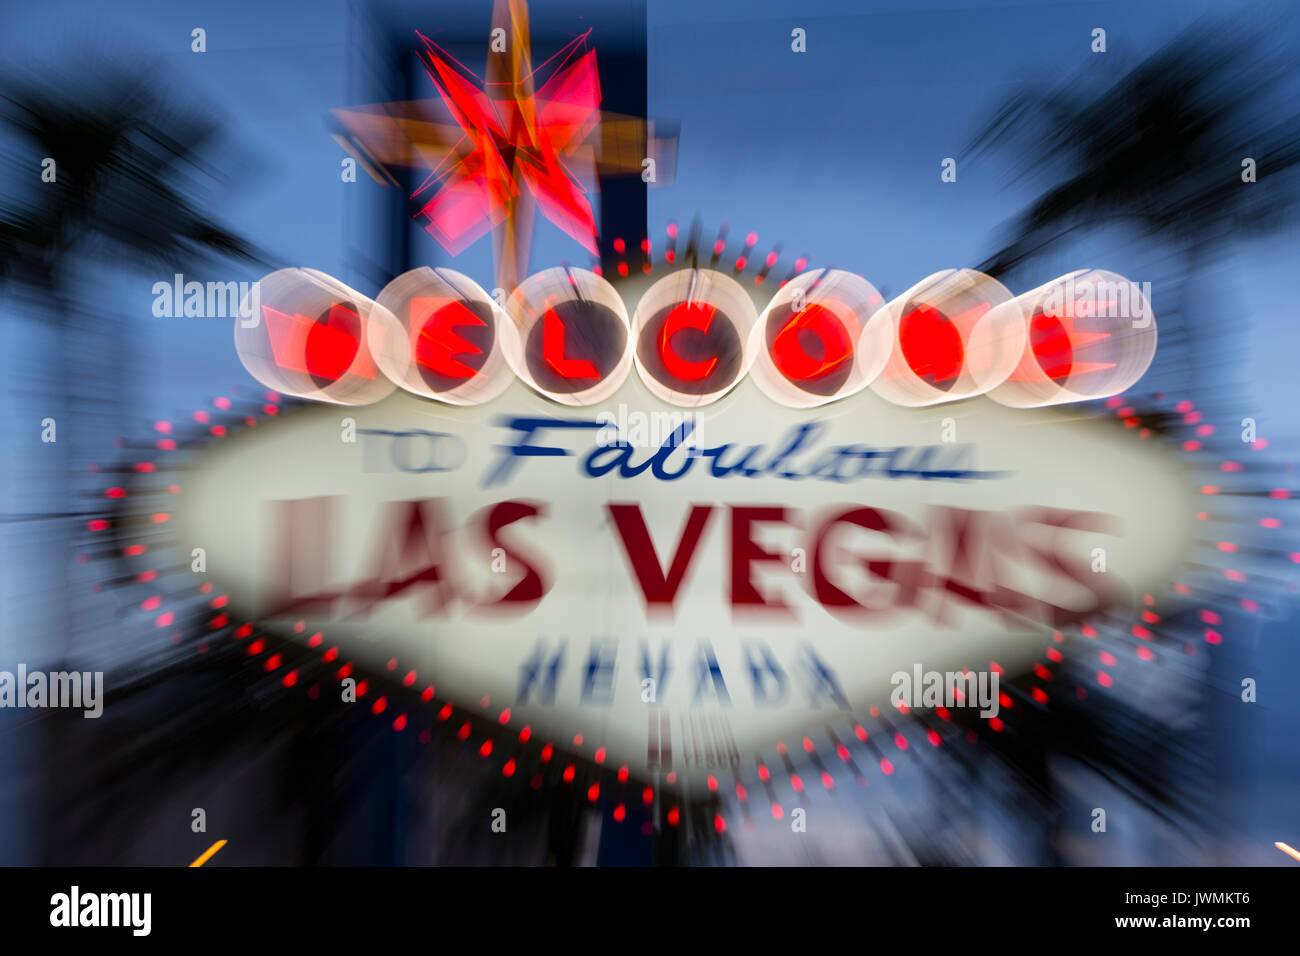 """La icónica """"Bienvenido a la fabulosa Las Vegas' cartel de neón que saluda a los visitantes que viajen al norte de Las Vegas en Las Vegas strip. Imagen De Stock"""